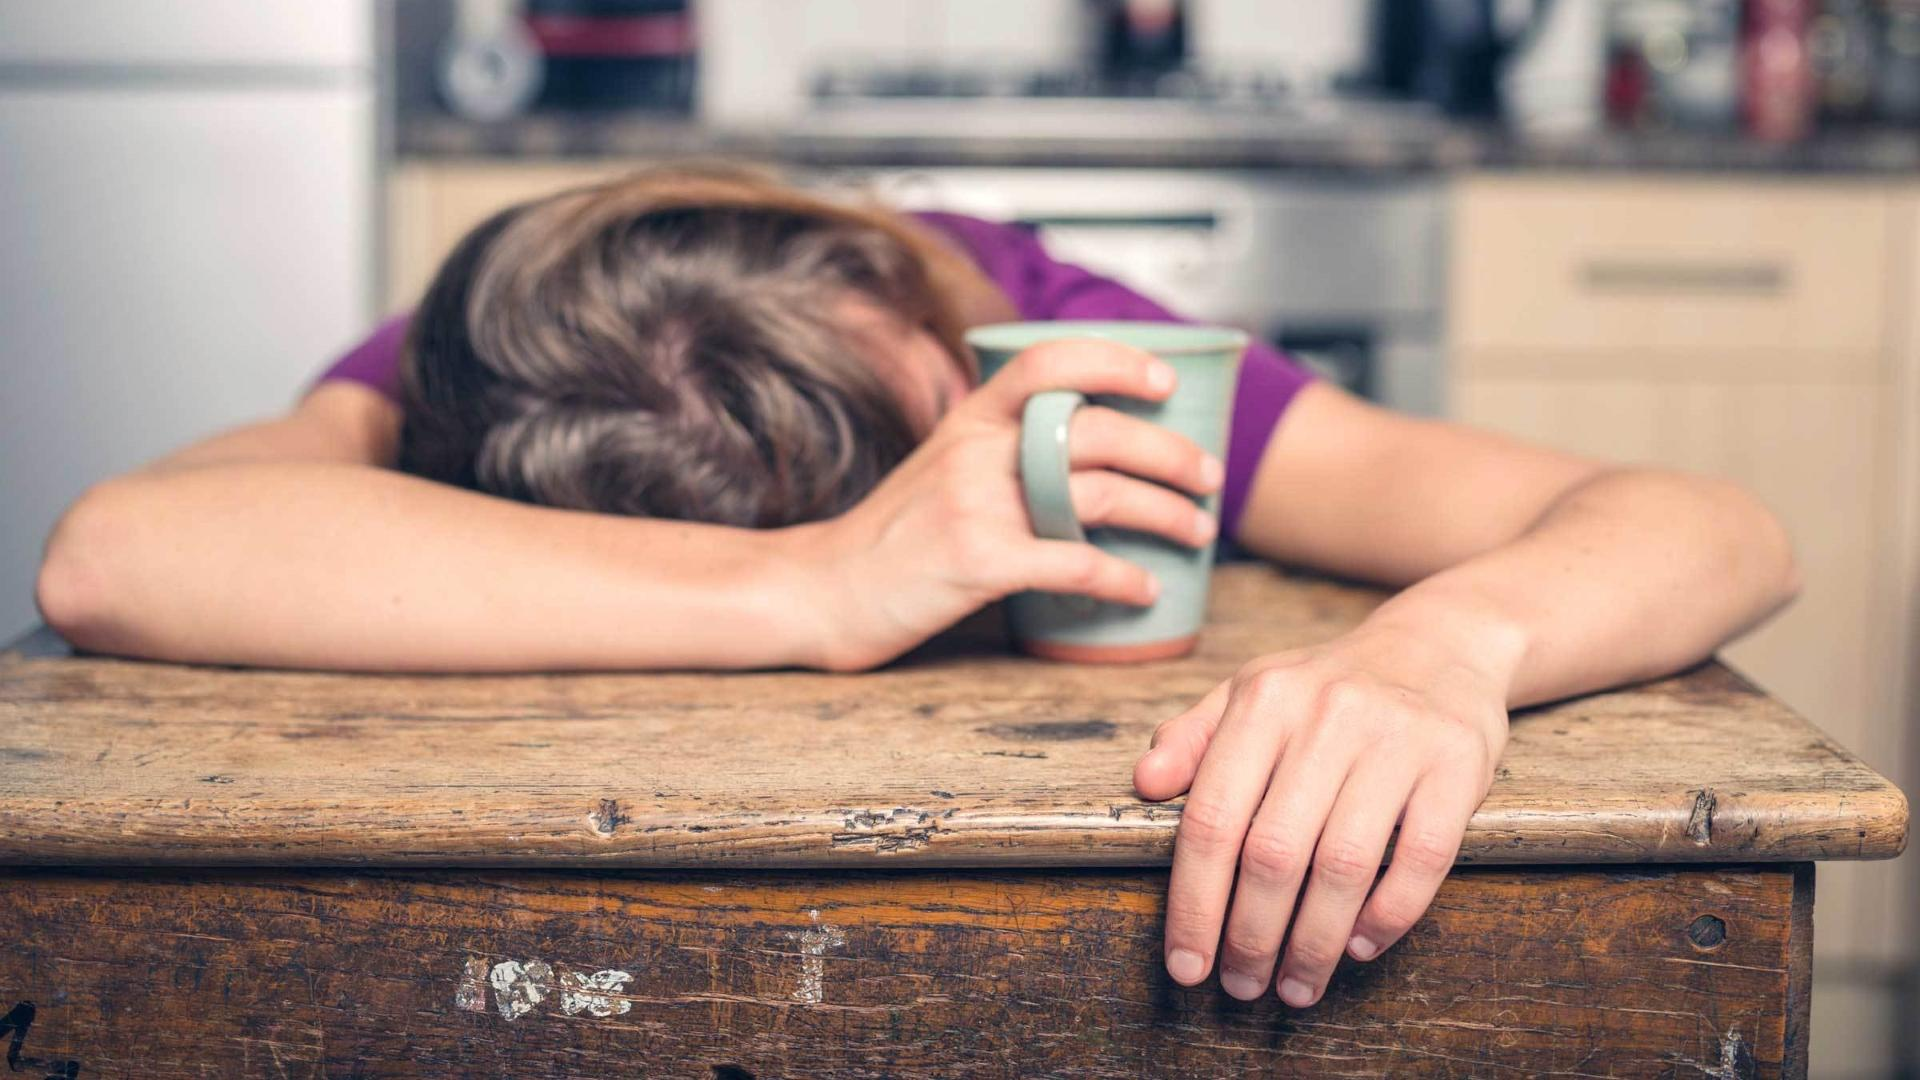 Анализ крови указал на возможный биомаркер синдрома хронической усталости